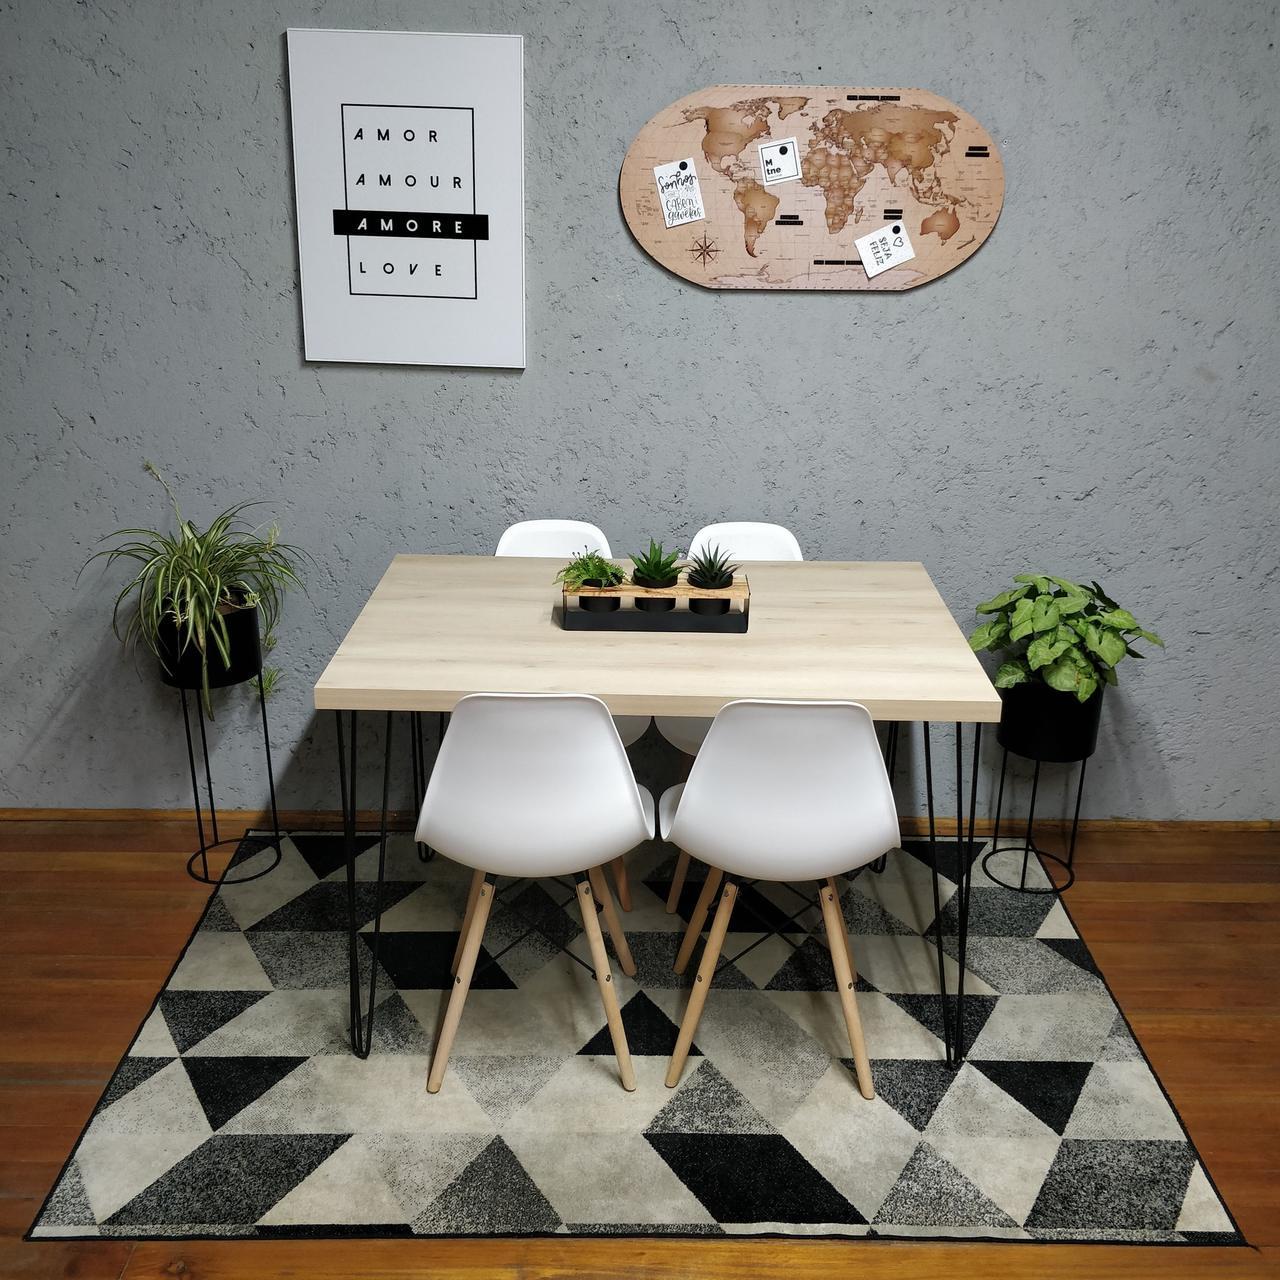 Mesa de Jantar Faia Hairpin Legs 4 lugares com 4 Cadeiras Brancas